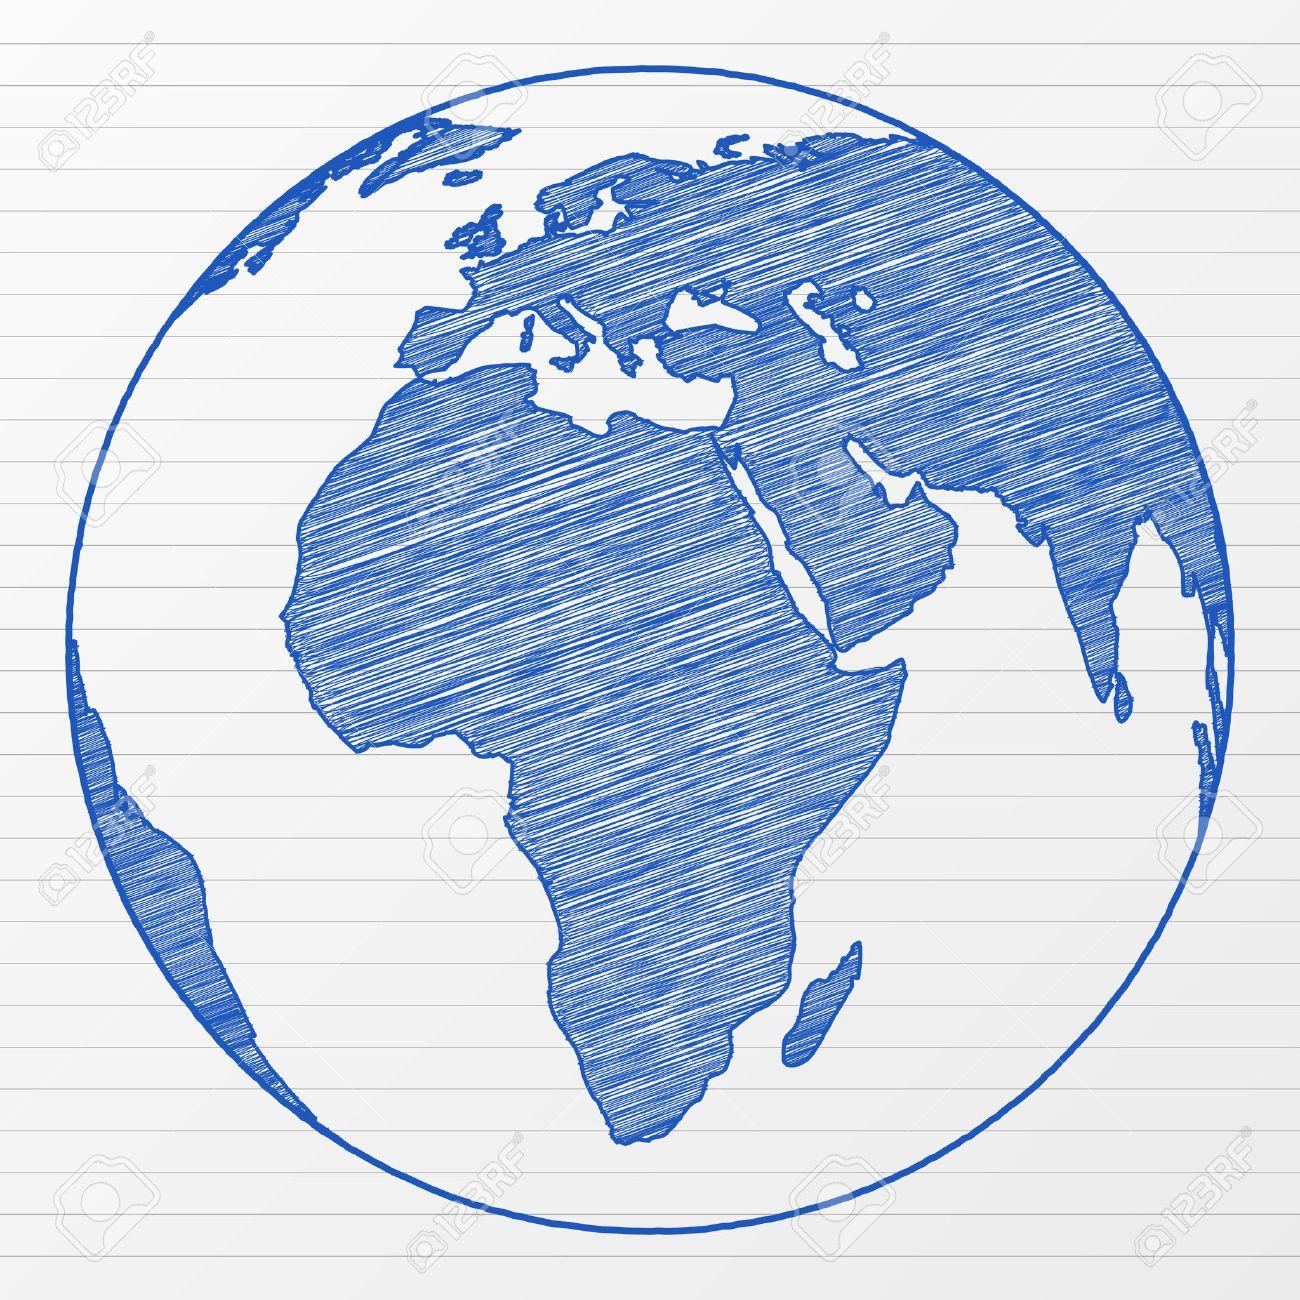 Globo De Mundo De Dibujo En Una Hoja De Bloc De Notas Ilustración